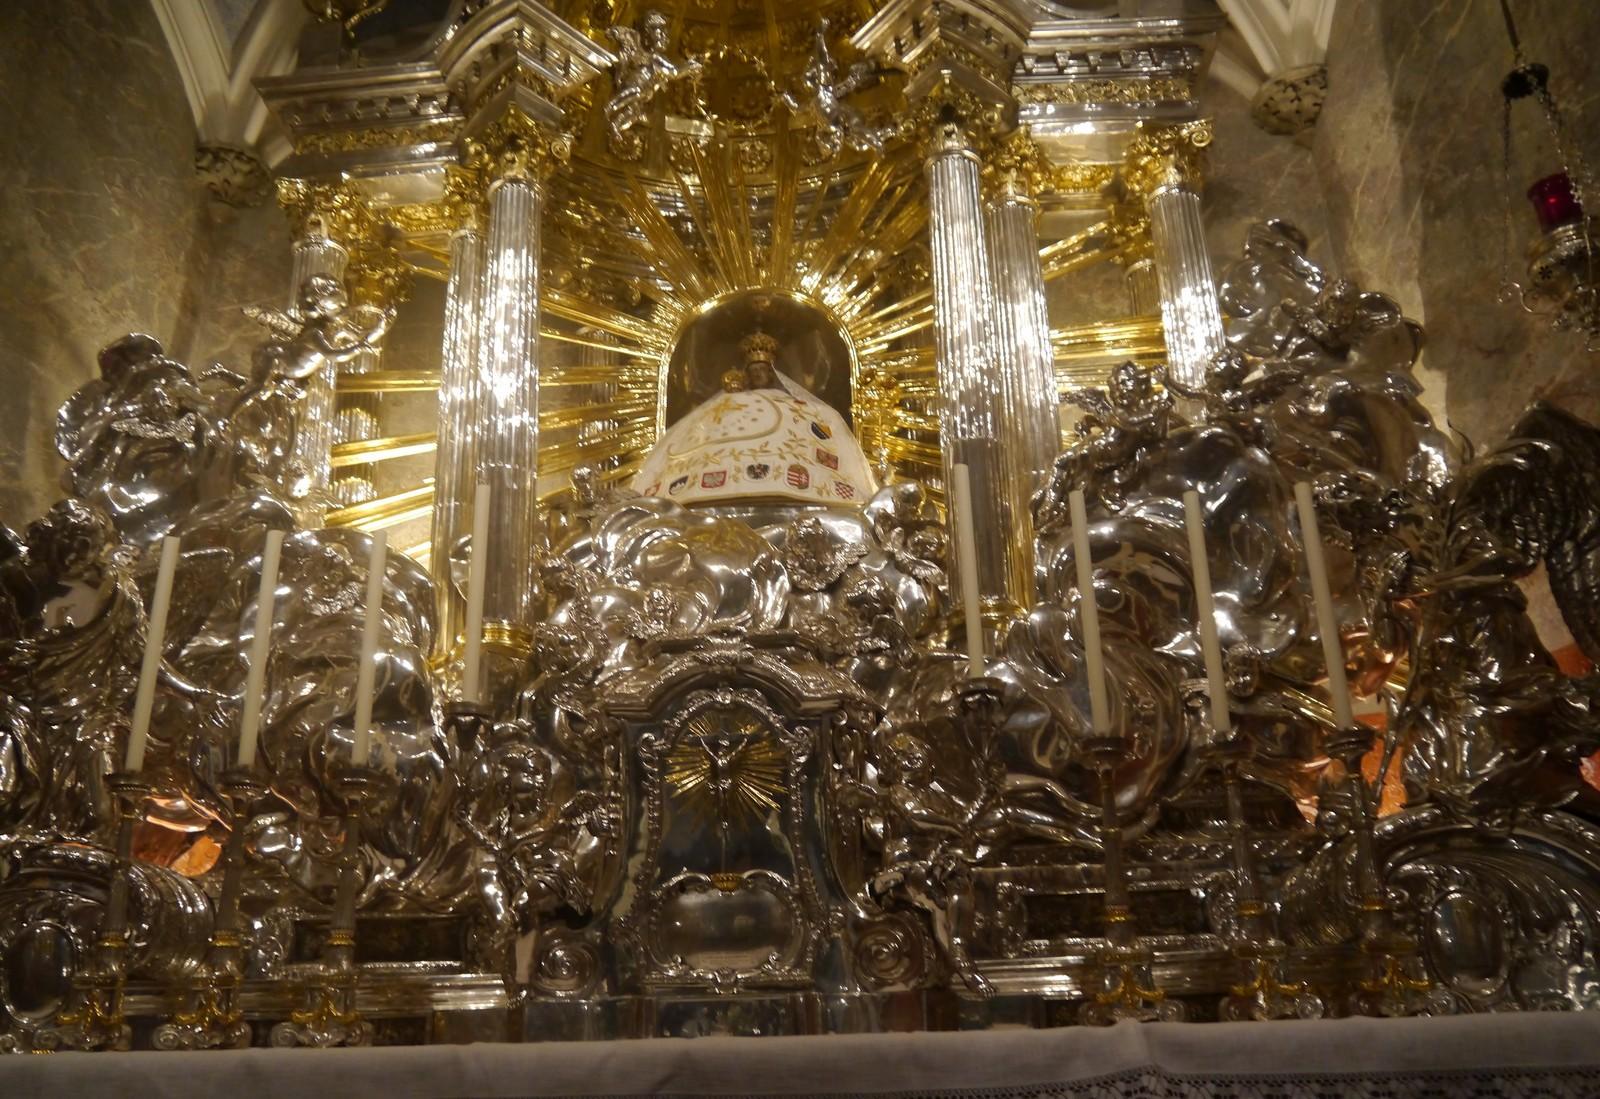 Peregrinación más Popular del Centro de Europa: Nuestra Señora de Mariazell, Austria (13 sep)